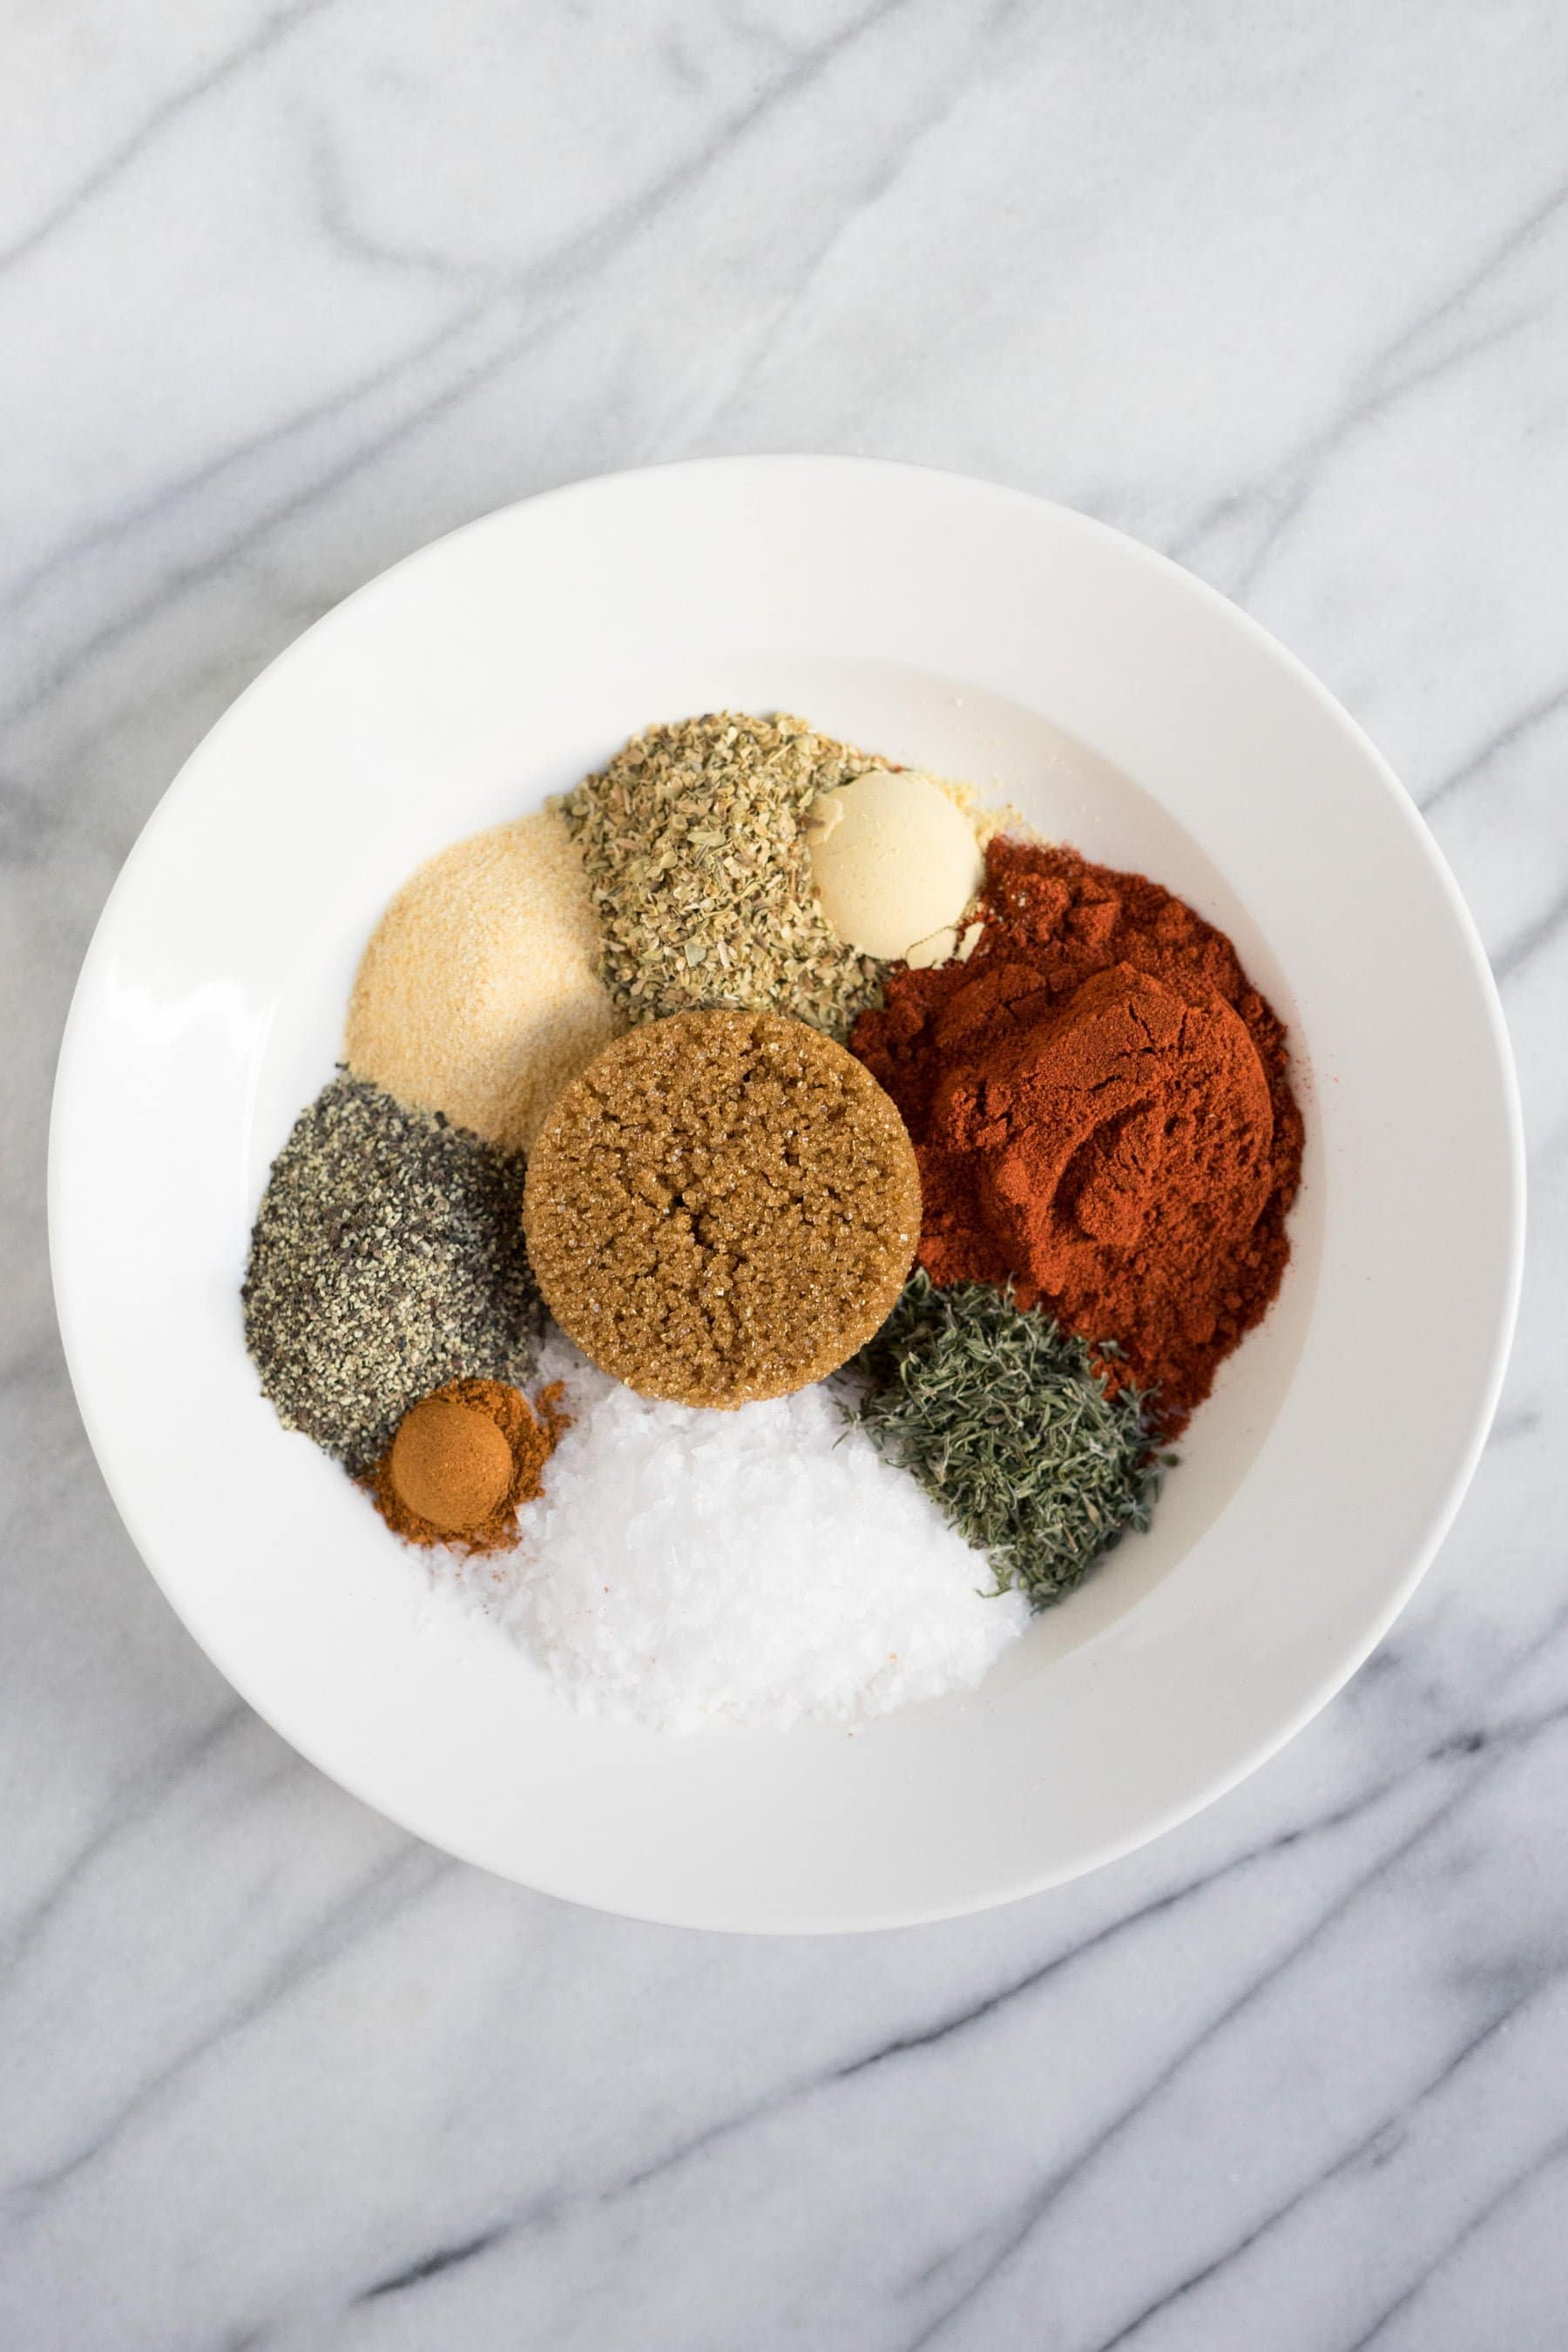 Barbecue Spice Rub